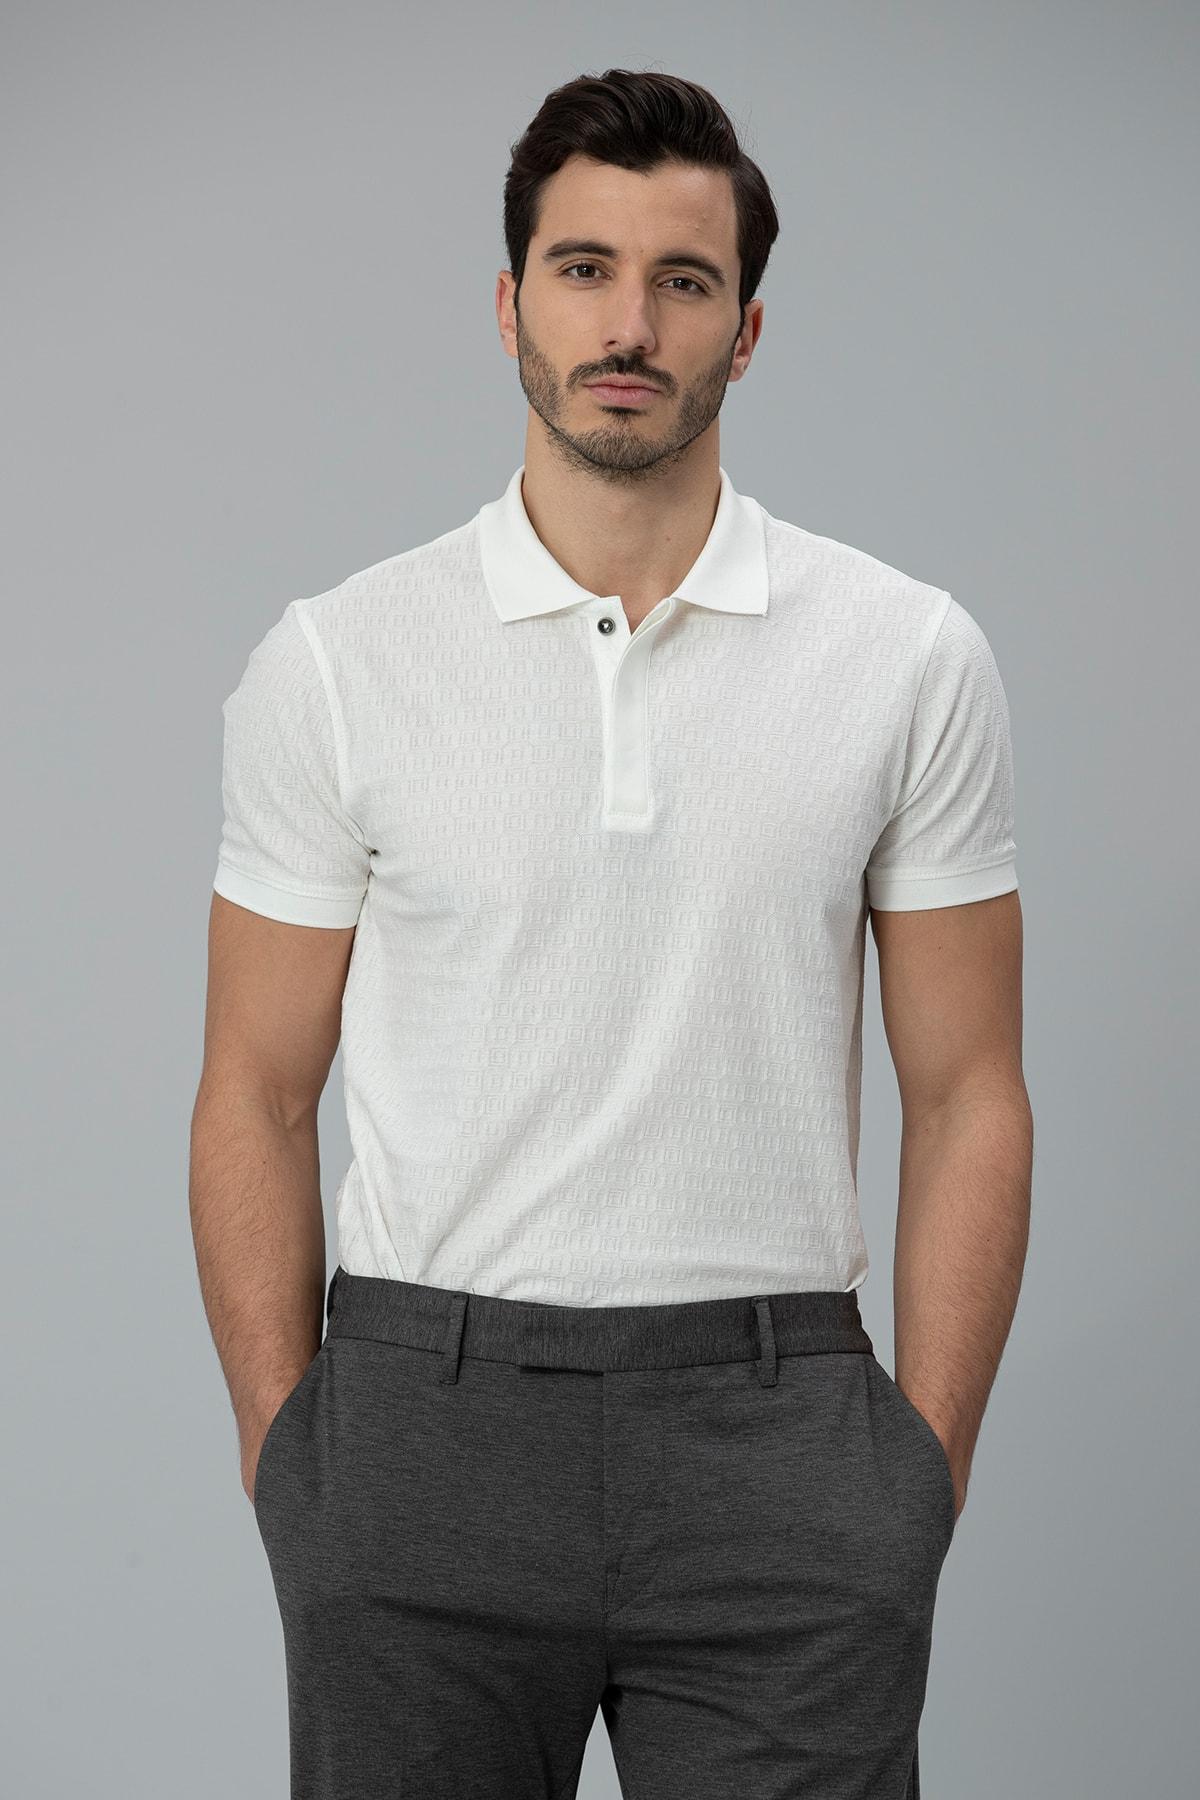 Lufian Clar Spor Polo T- Shirt Kırık Beyaz